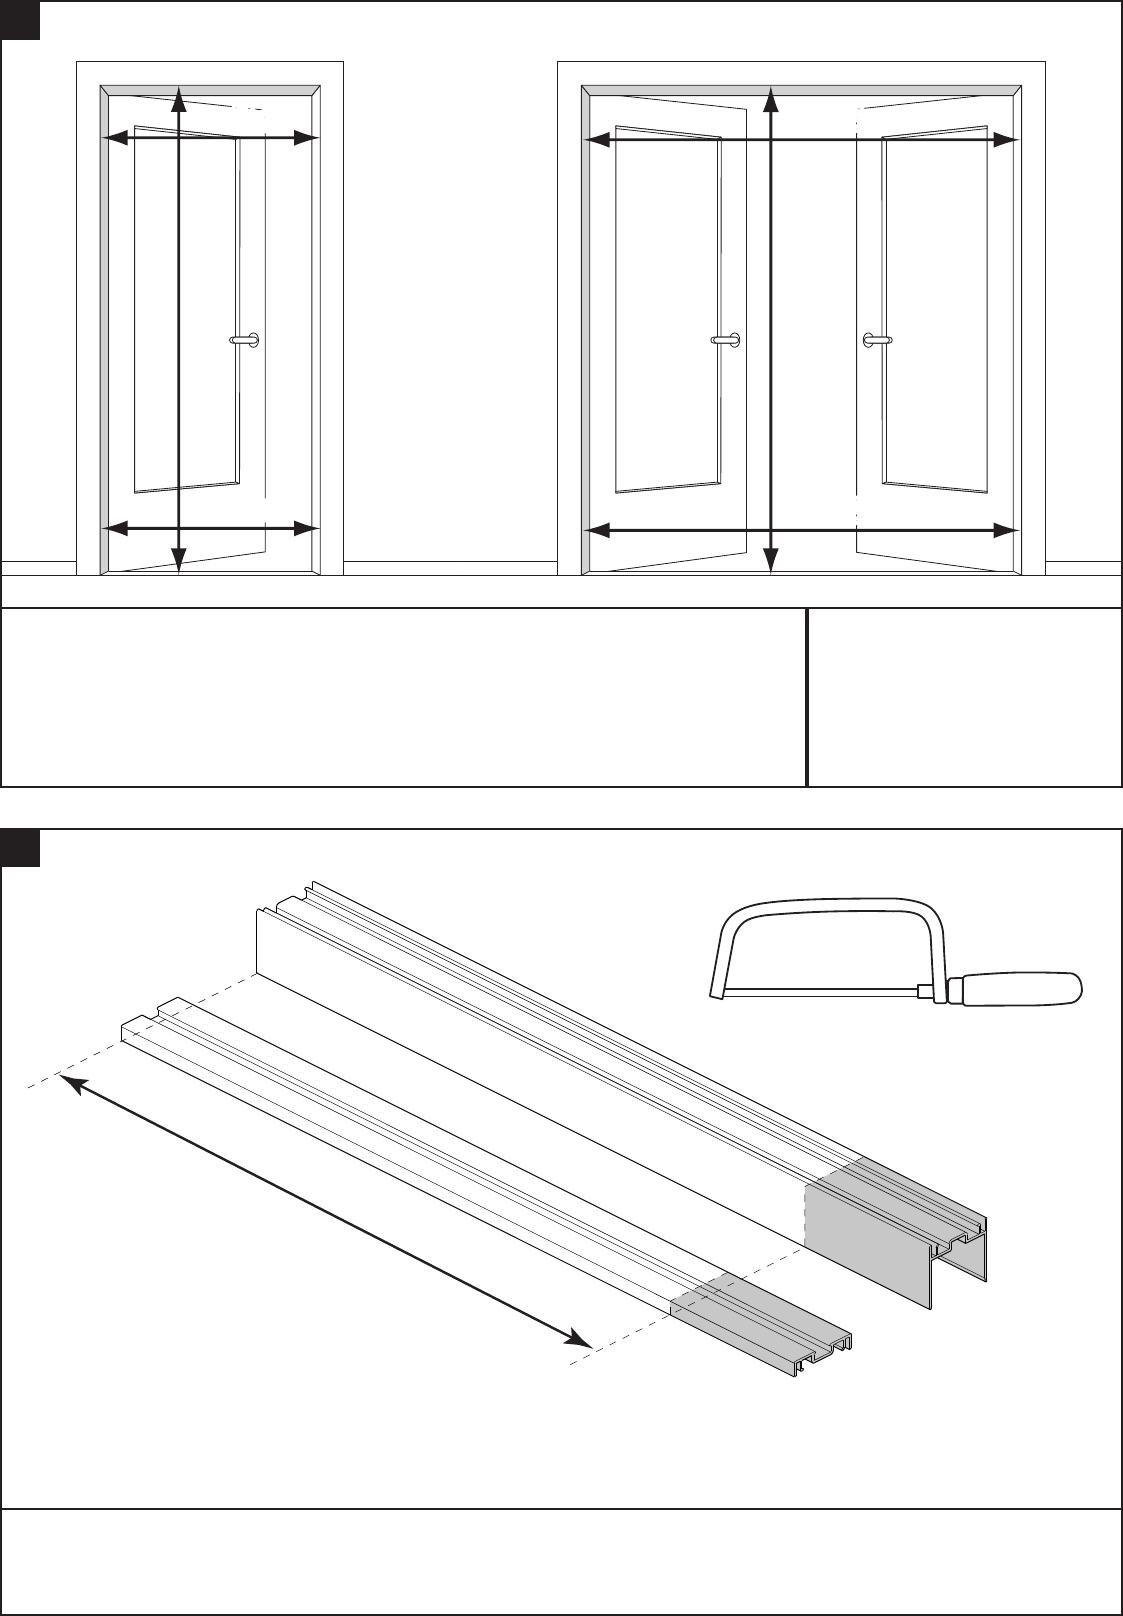 Bekend Handleiding Bruynzeel 634576 S700 Plisse Hordeur (pagina 1 van 12 SG87